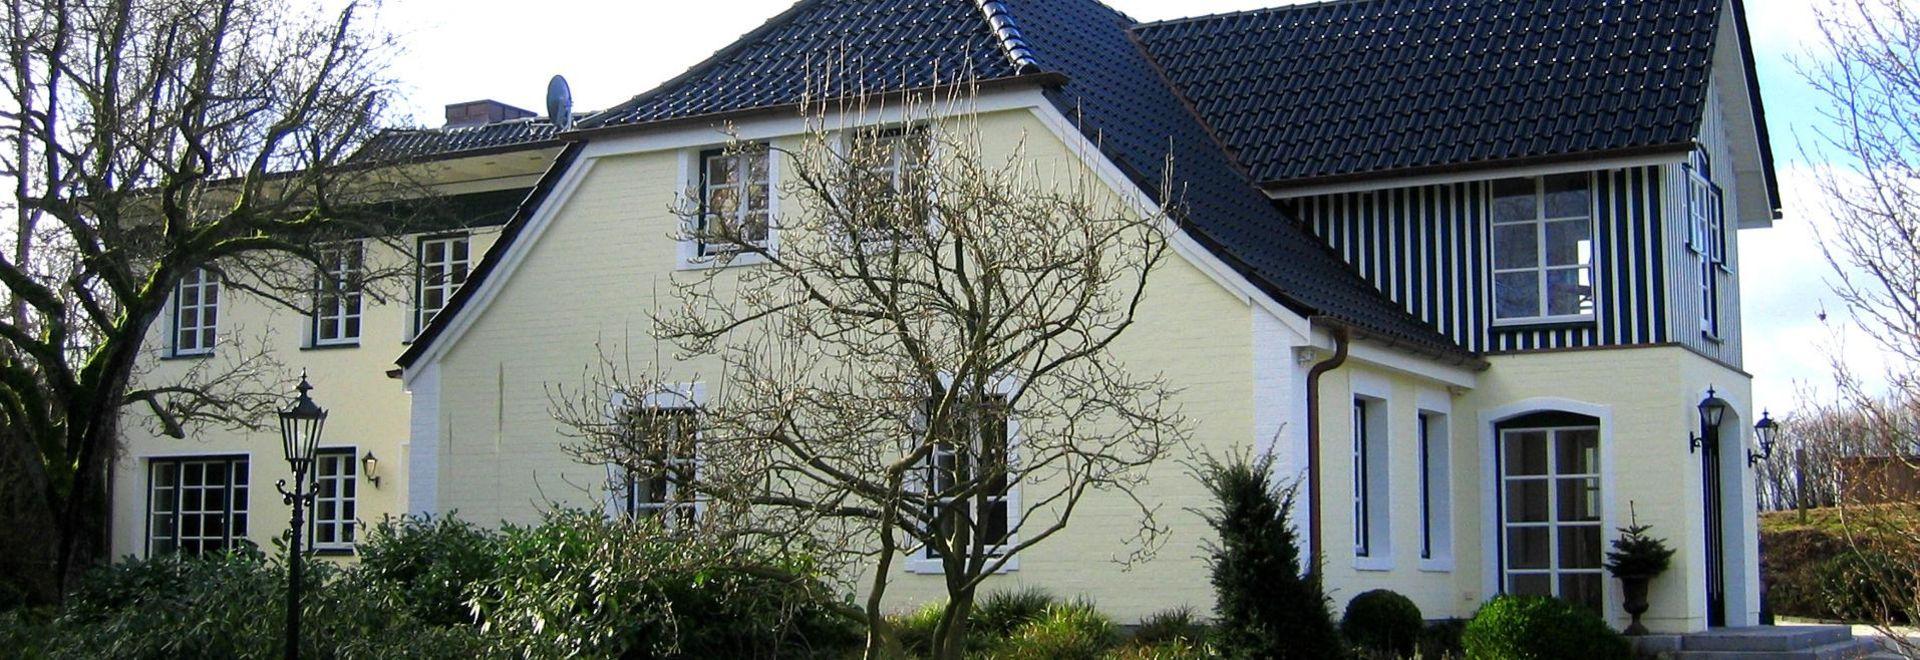 terramedus Akademie für Gesundheit in Bovenau